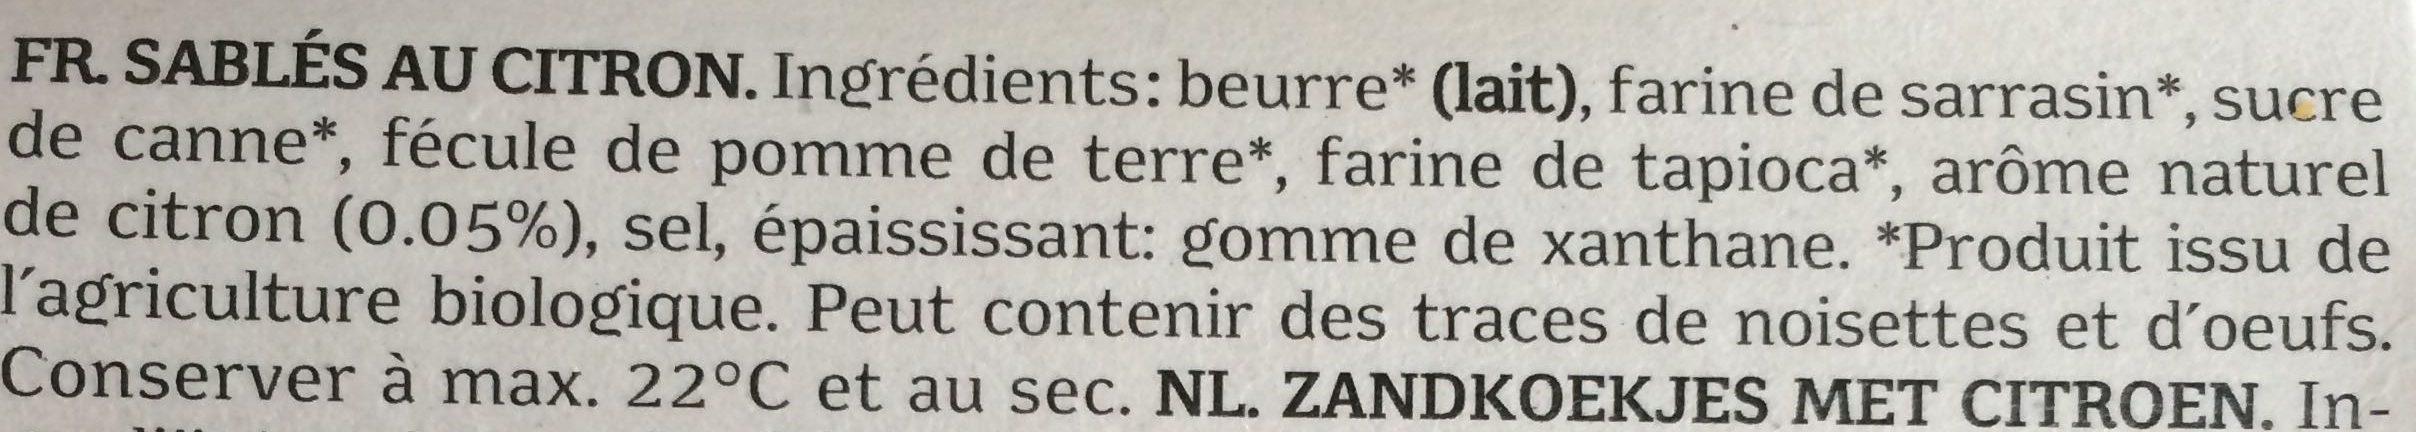 Céline Citron - Ingrédients - fr